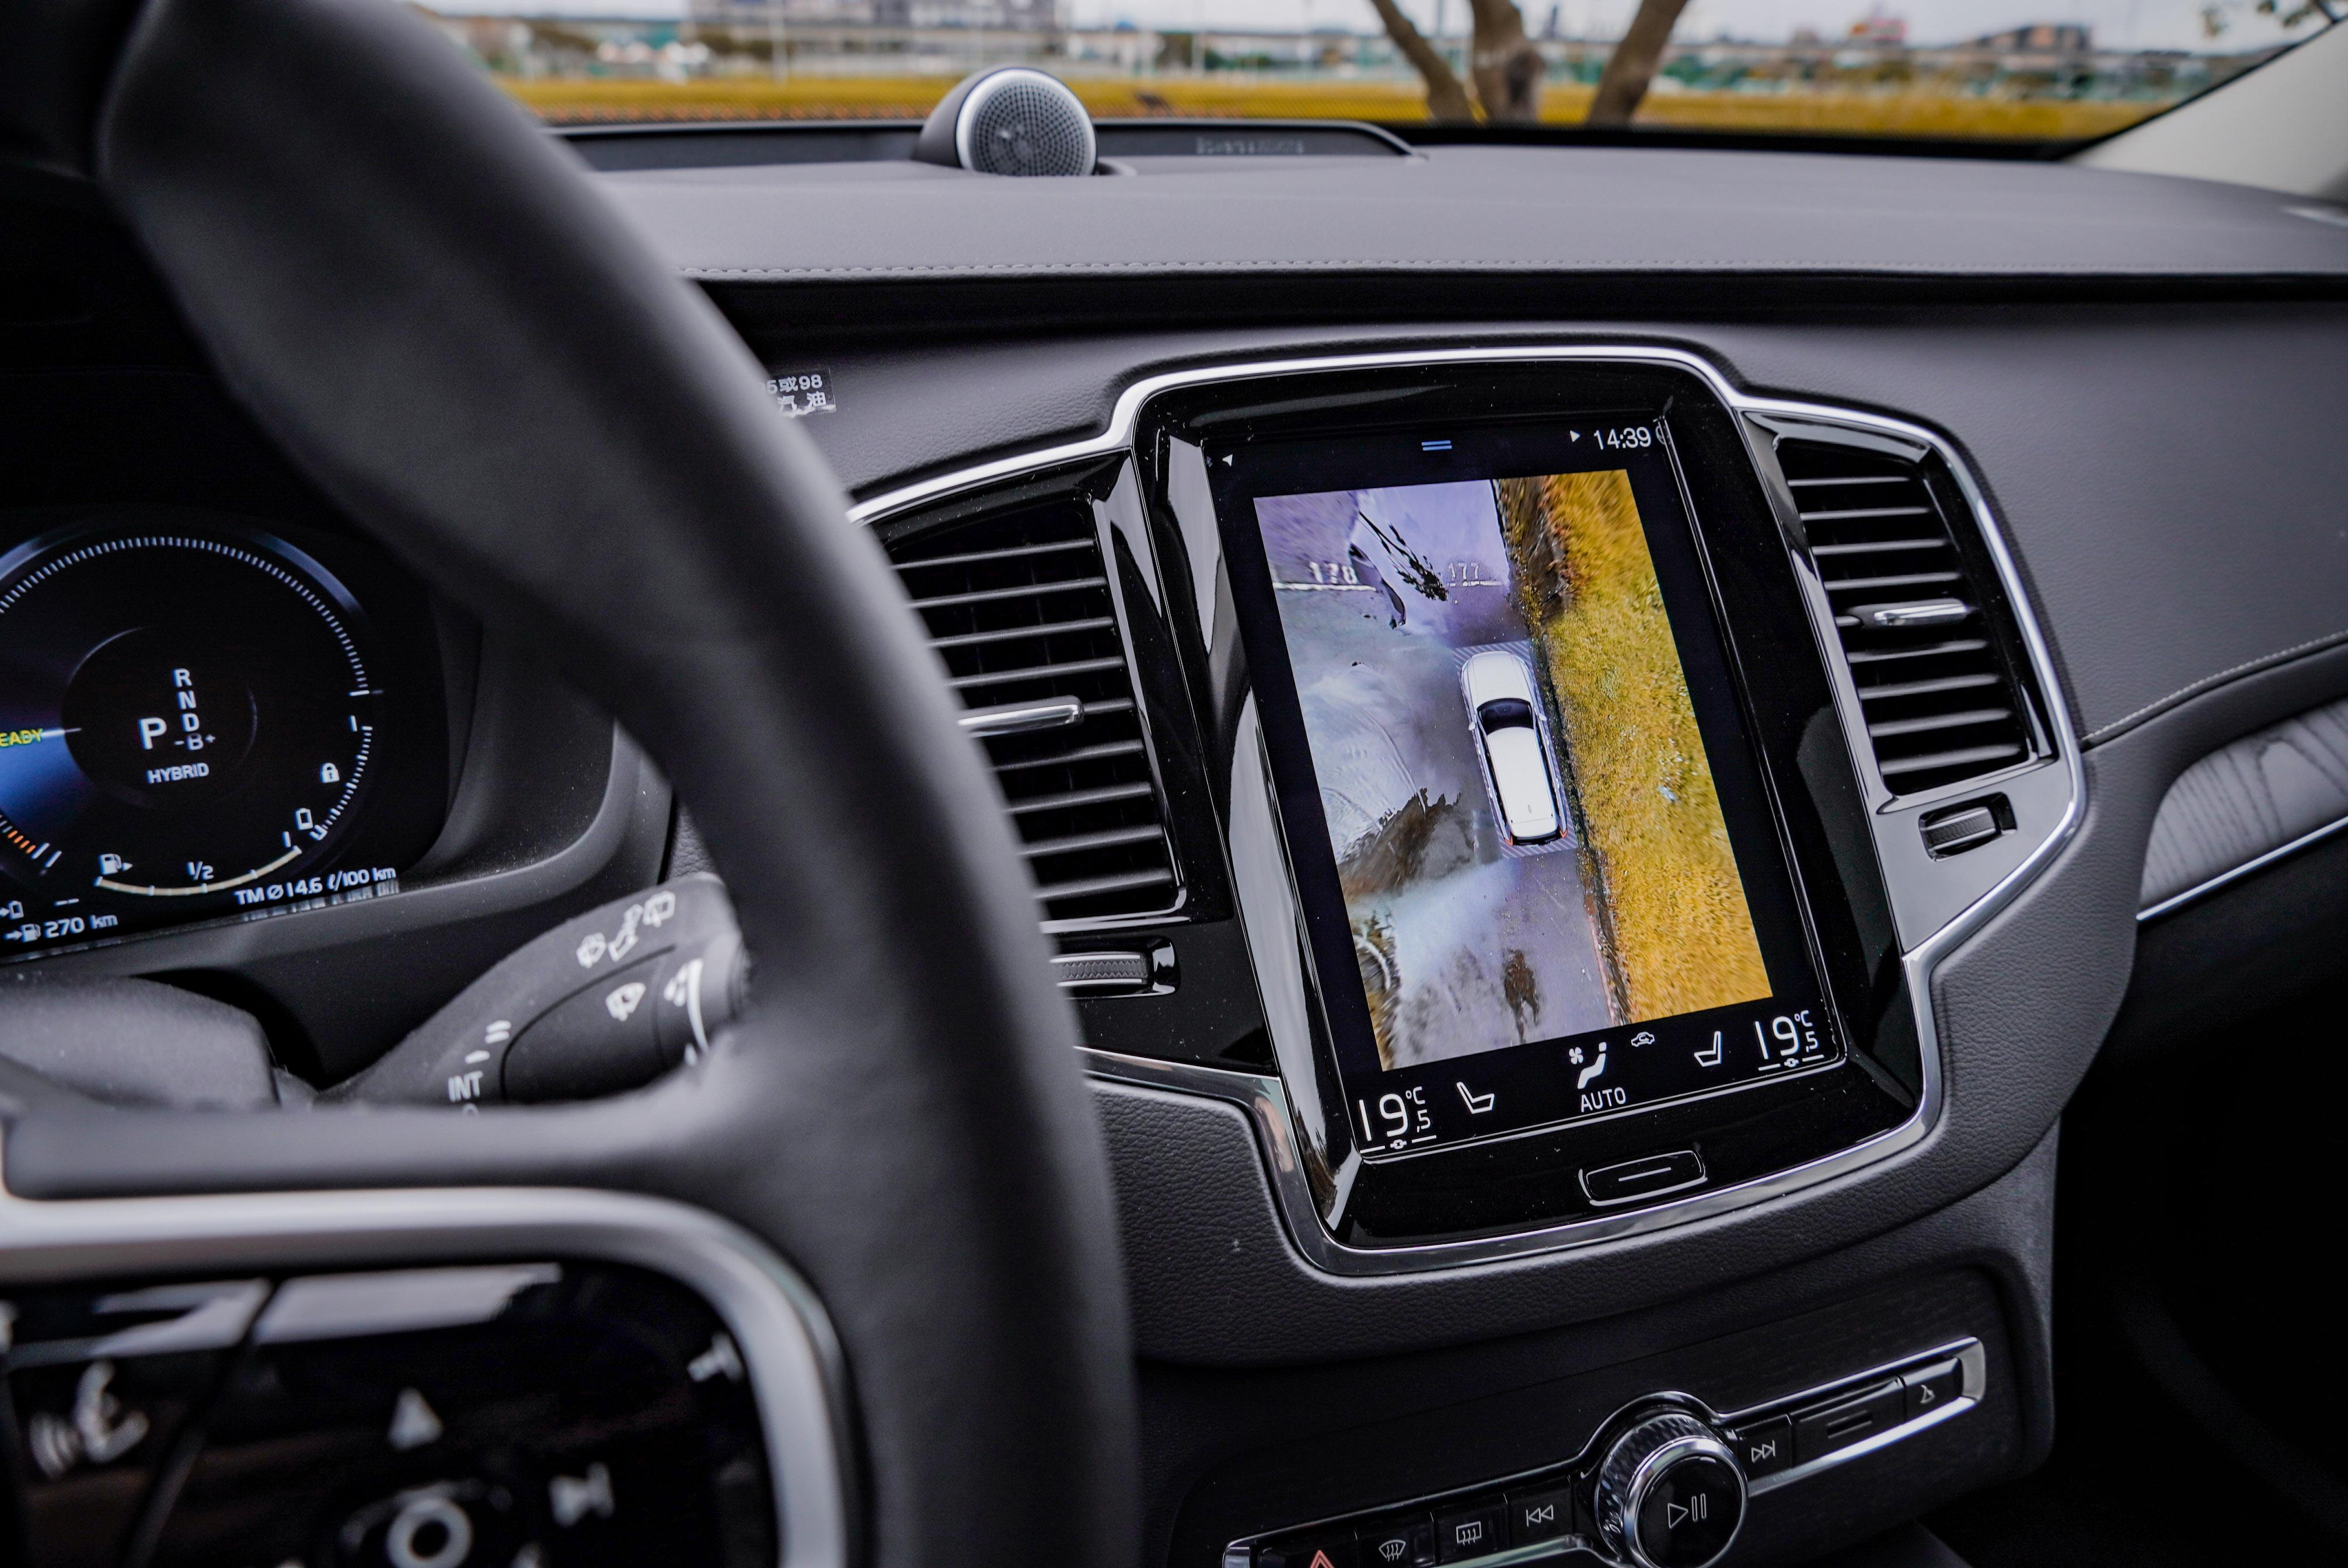 360 度環車輔助系統非常實用,同時提供 180 度車頭視角輔助。